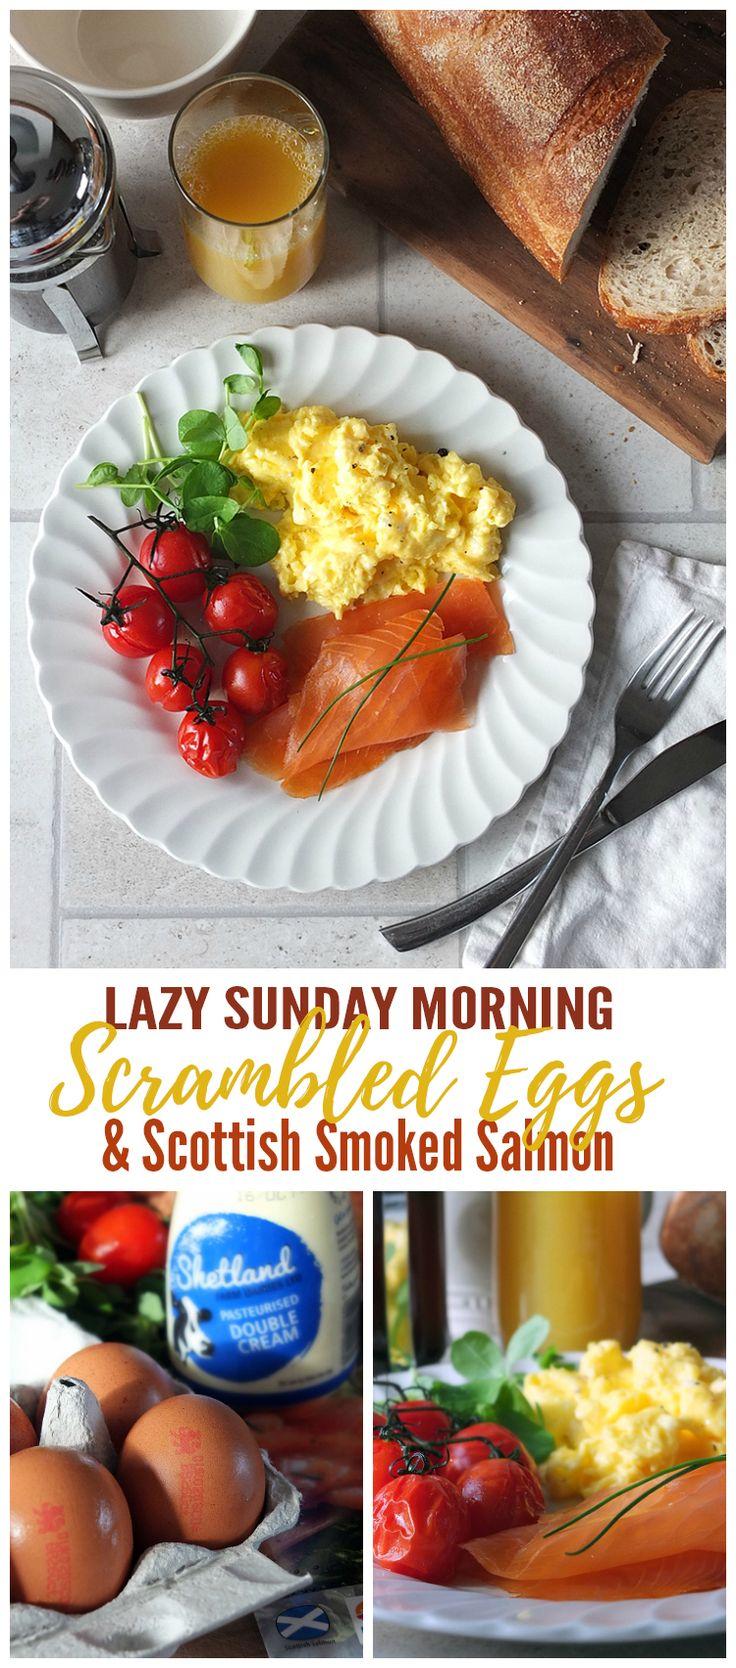 In collaboration with British Lion Eggs.#ad #eggs #scrambledeggs #breakfast #smokedsalmon #salmon